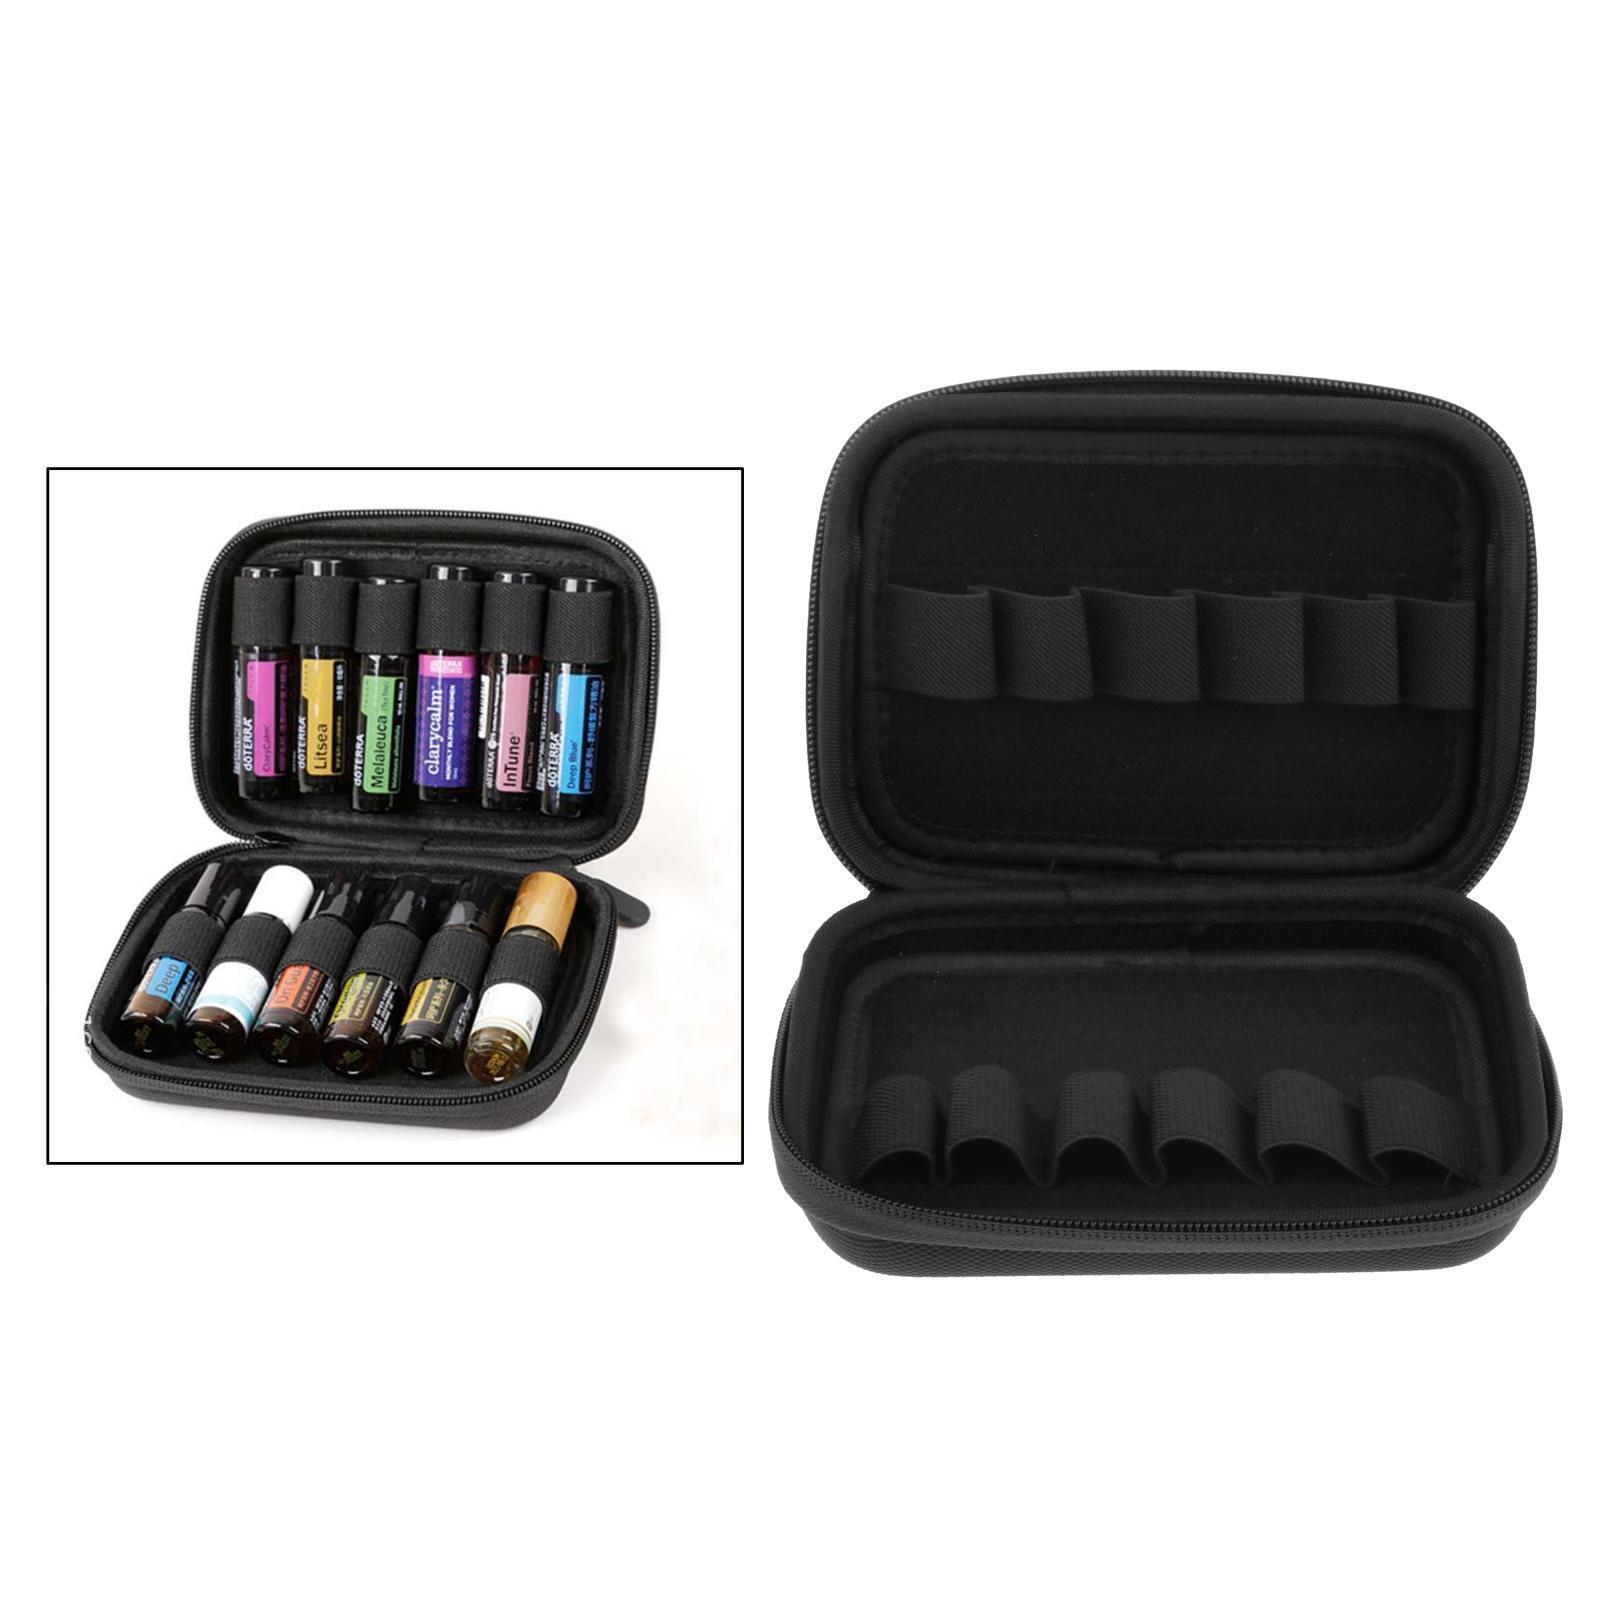 Sacchetto-di-olio-essenziale-custodia-da-viaggio-per-aromaterapia-da-10ml-per-12 miniatura 49